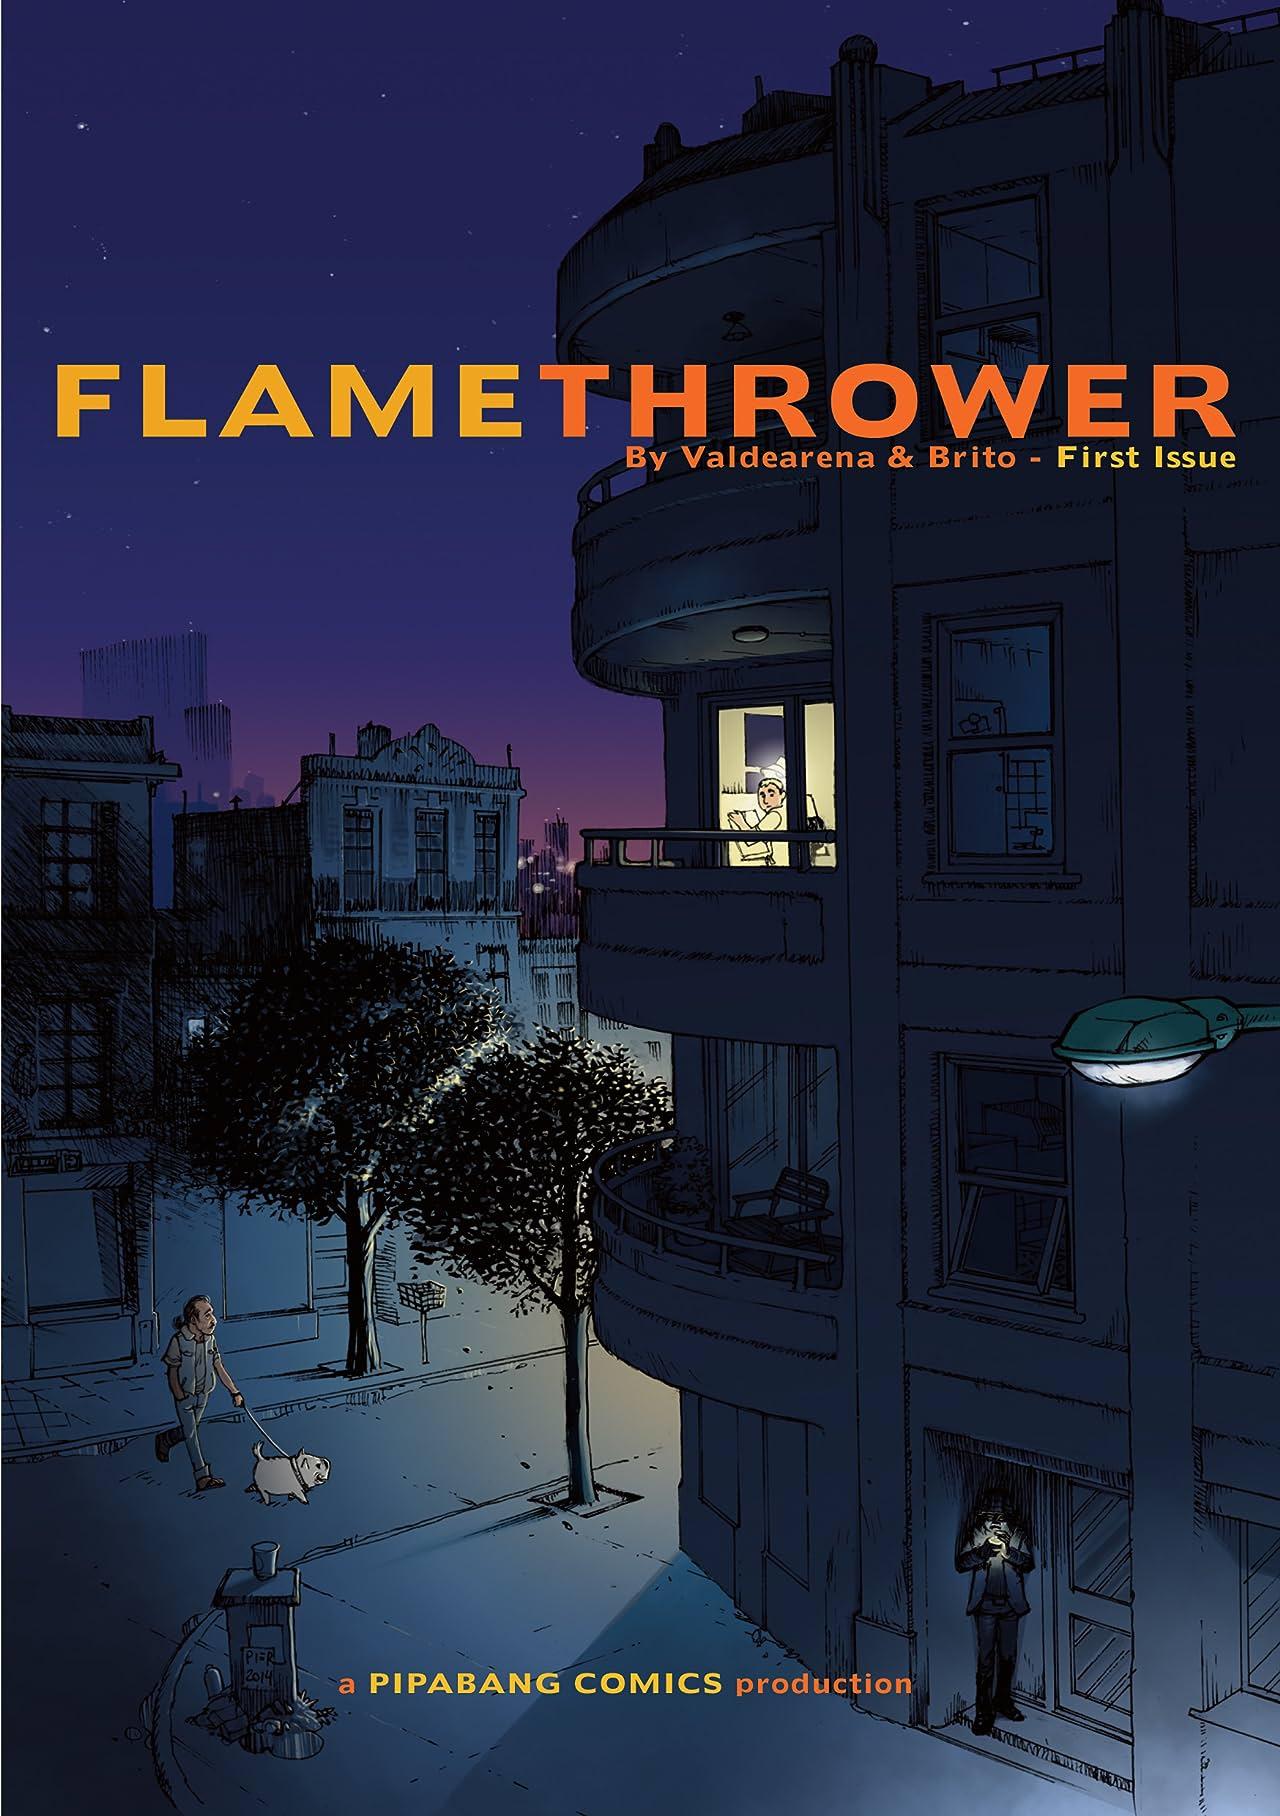 Flamethrower #1